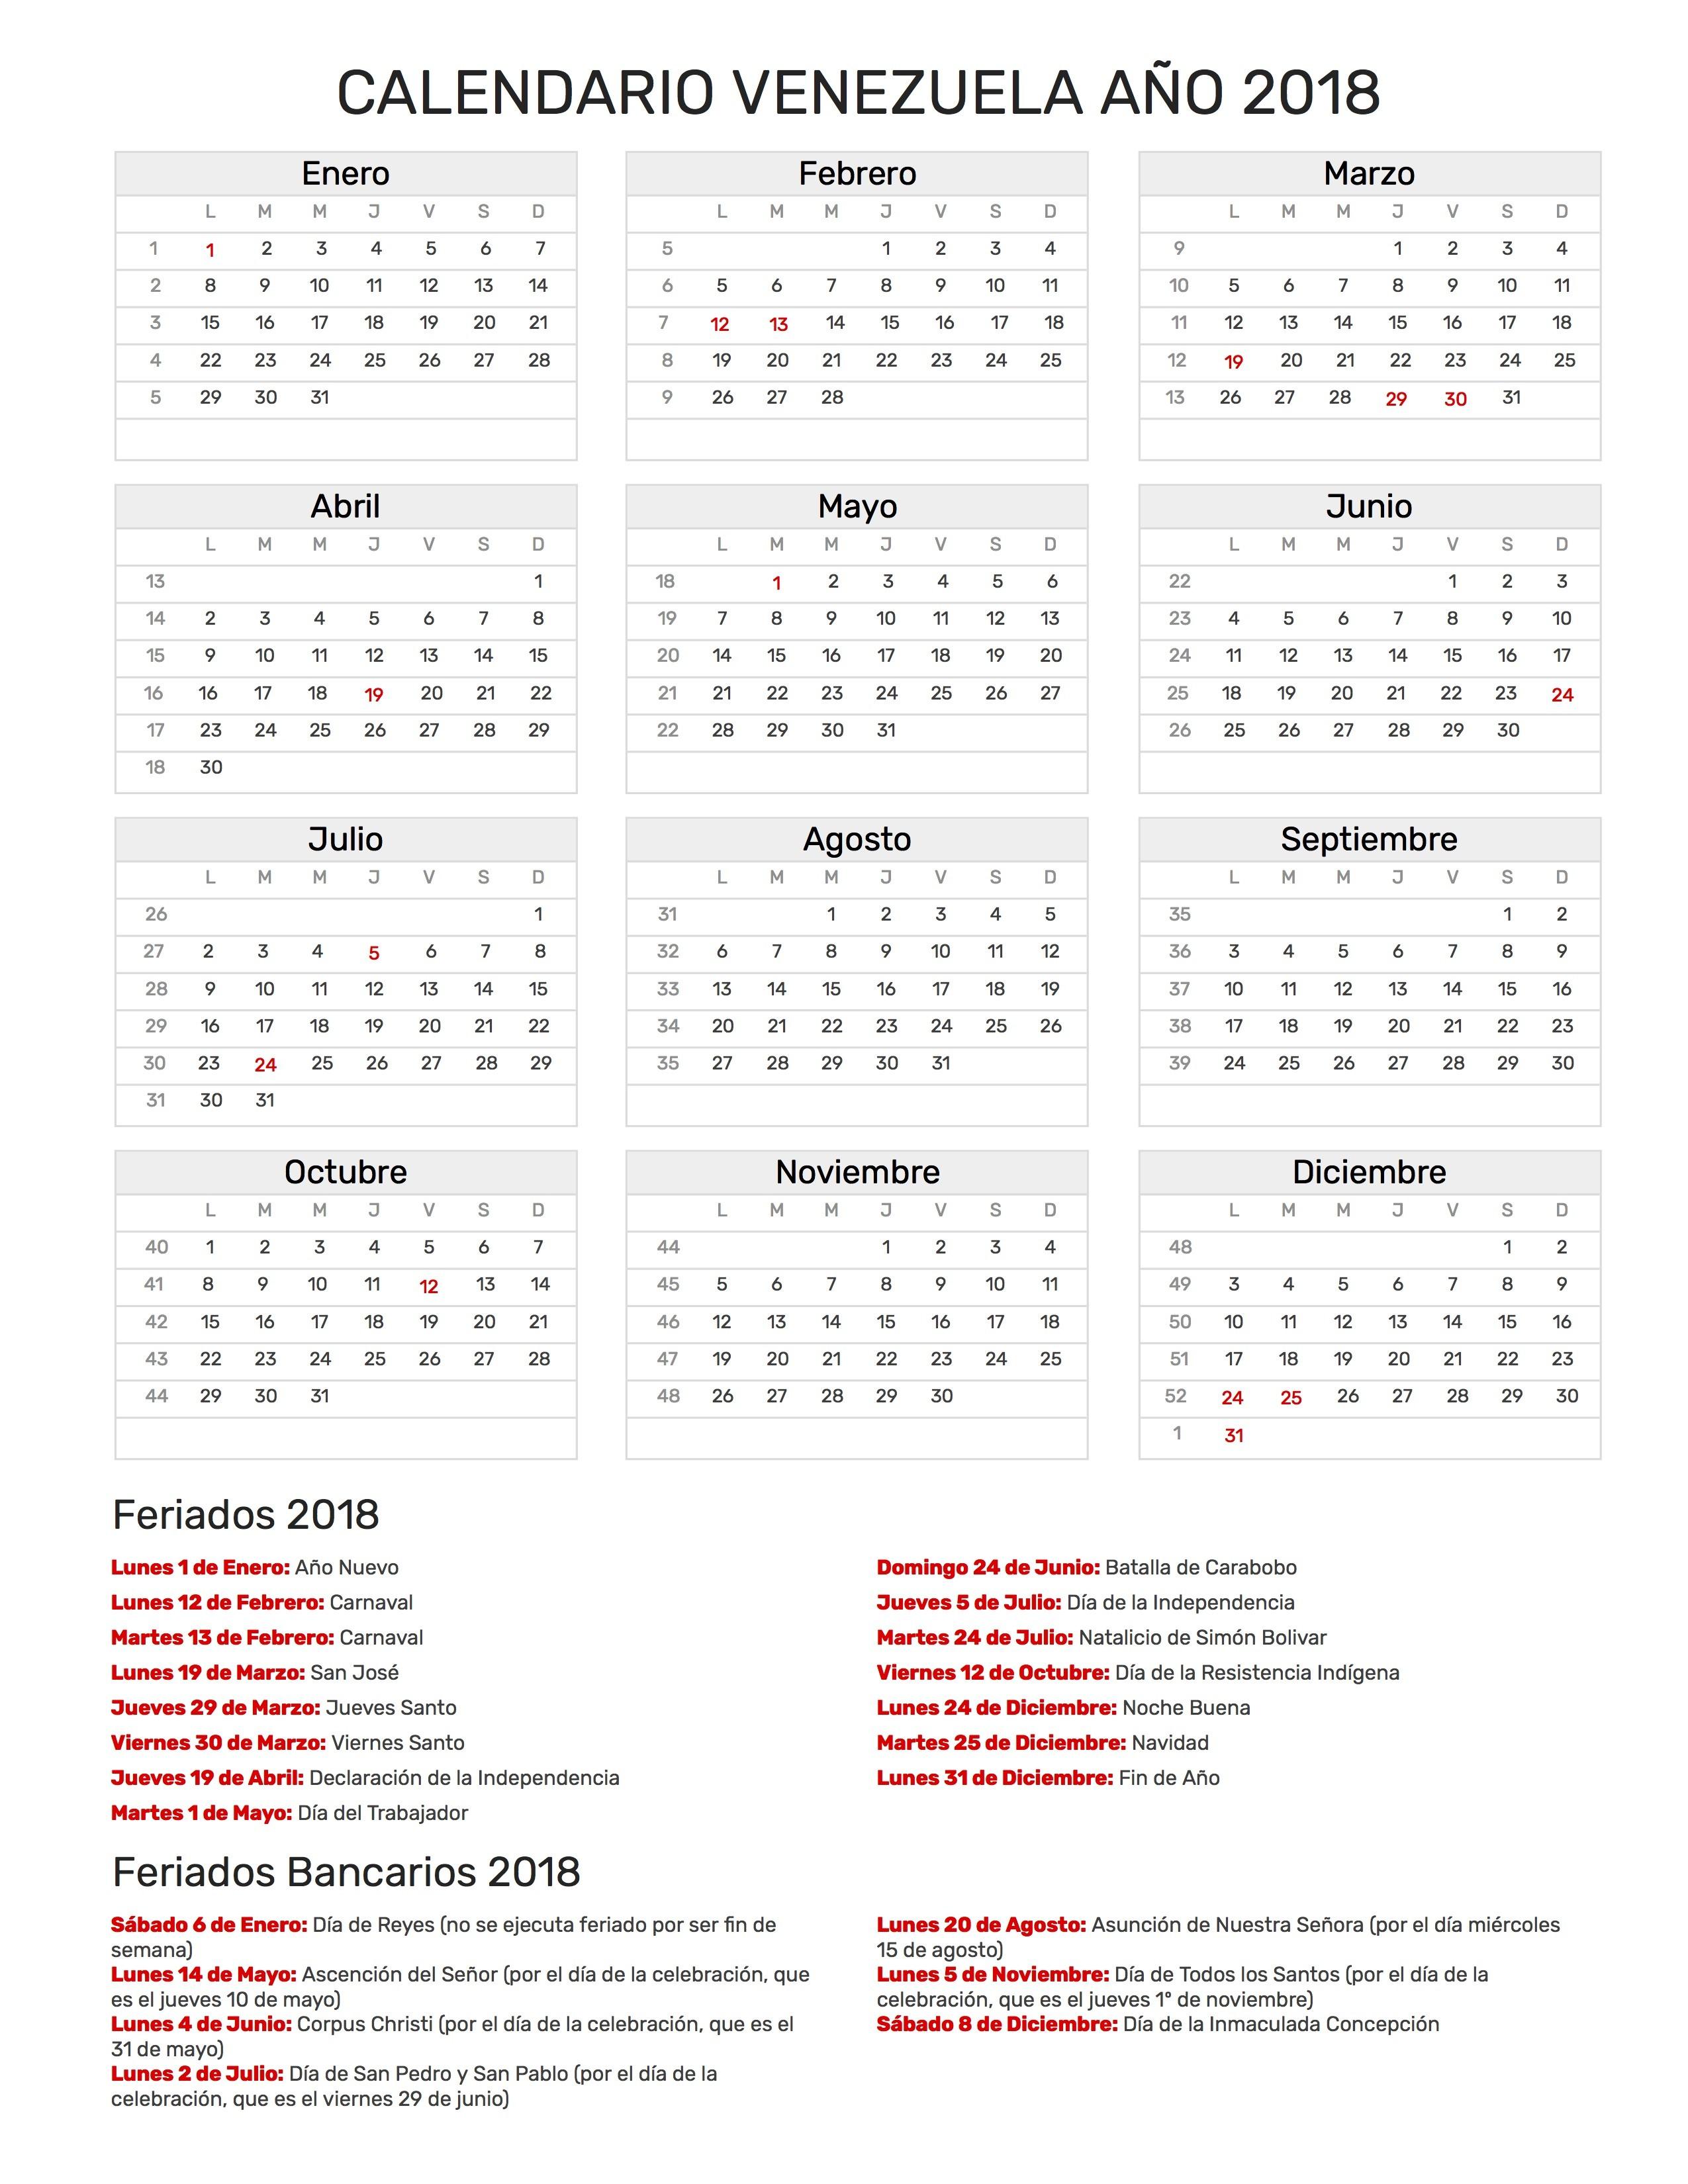 Calendario Para Imprimir 2017 Venezuela Más Caliente Calendario Venezuela A±o 2018 Of Calendario Para Imprimir 2017 Venezuela Mejores Y Más Novedosos Sunavi